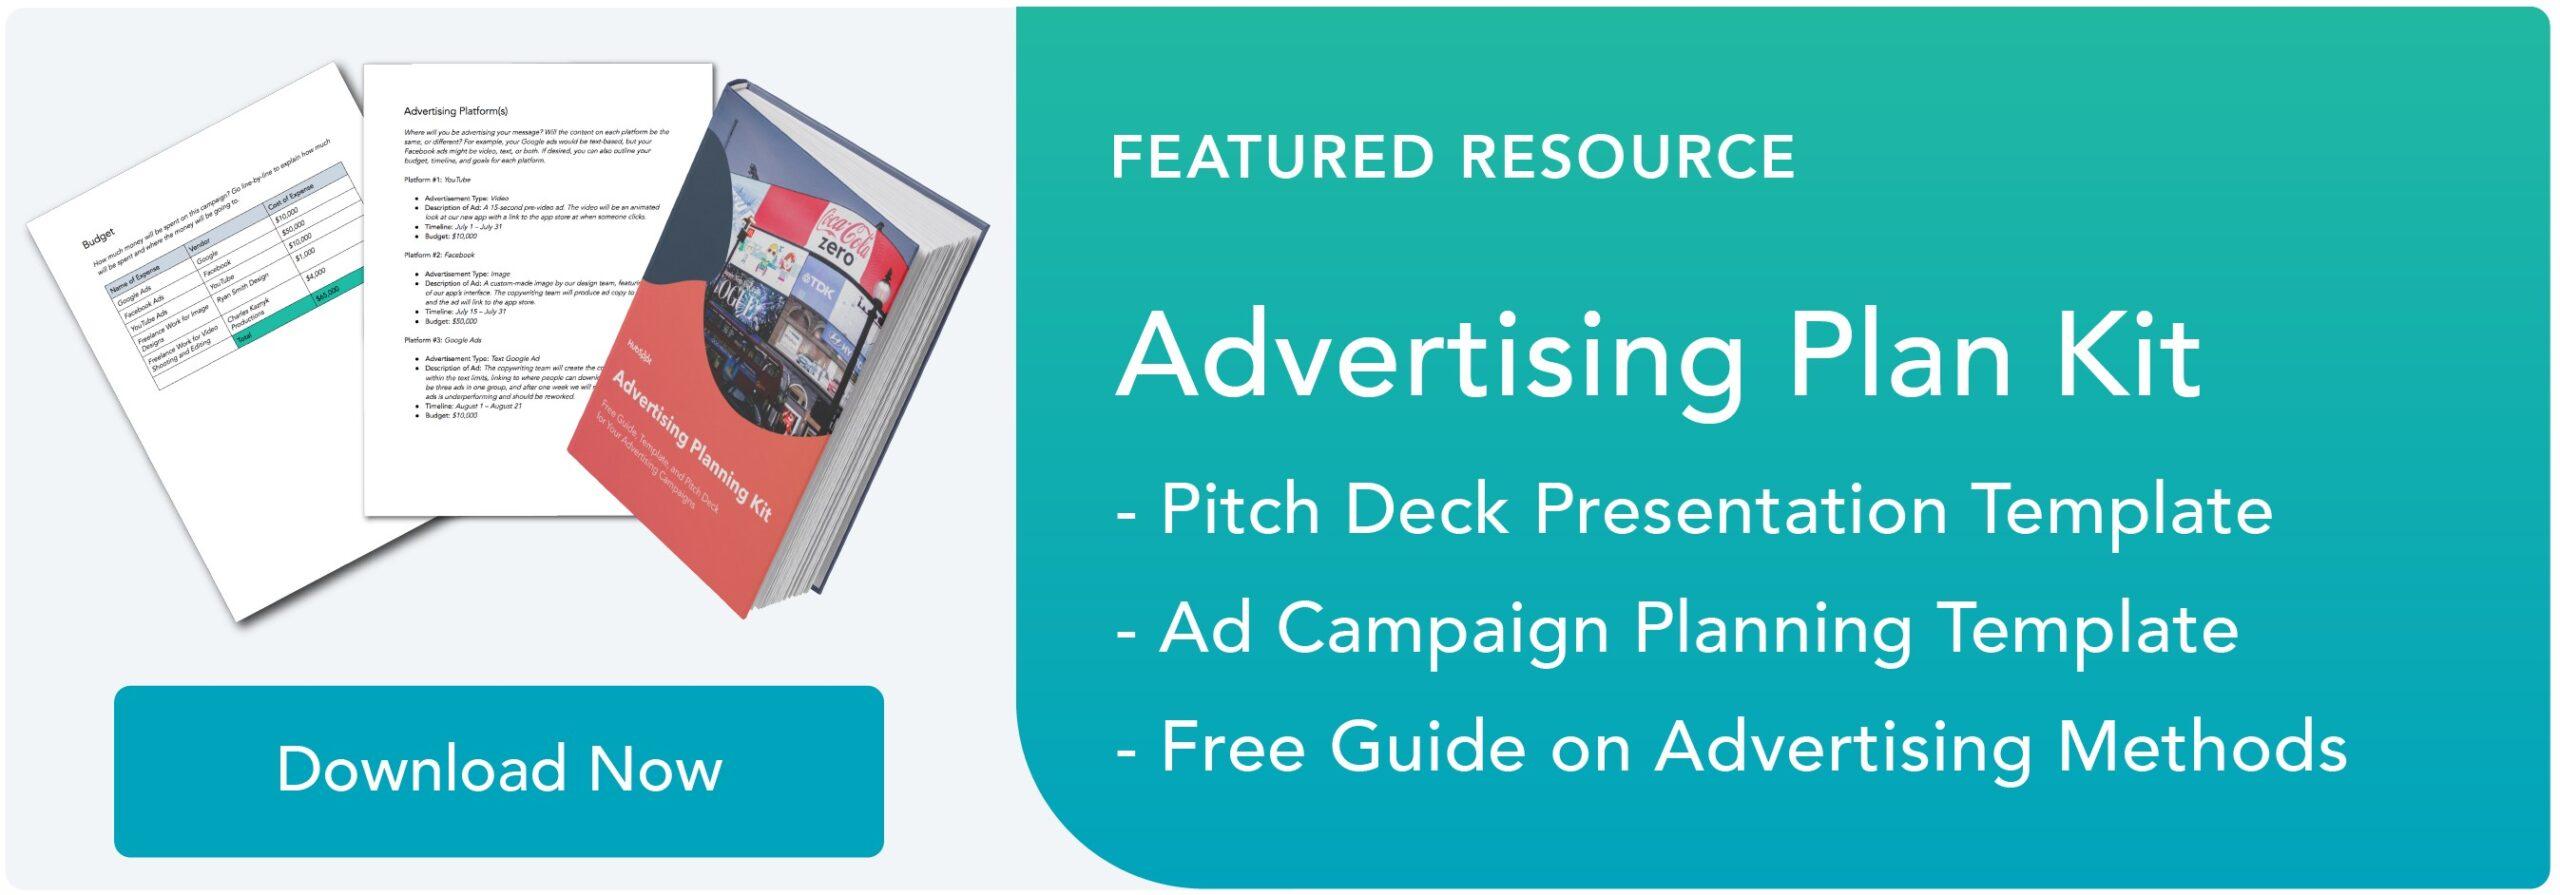 advertising plan